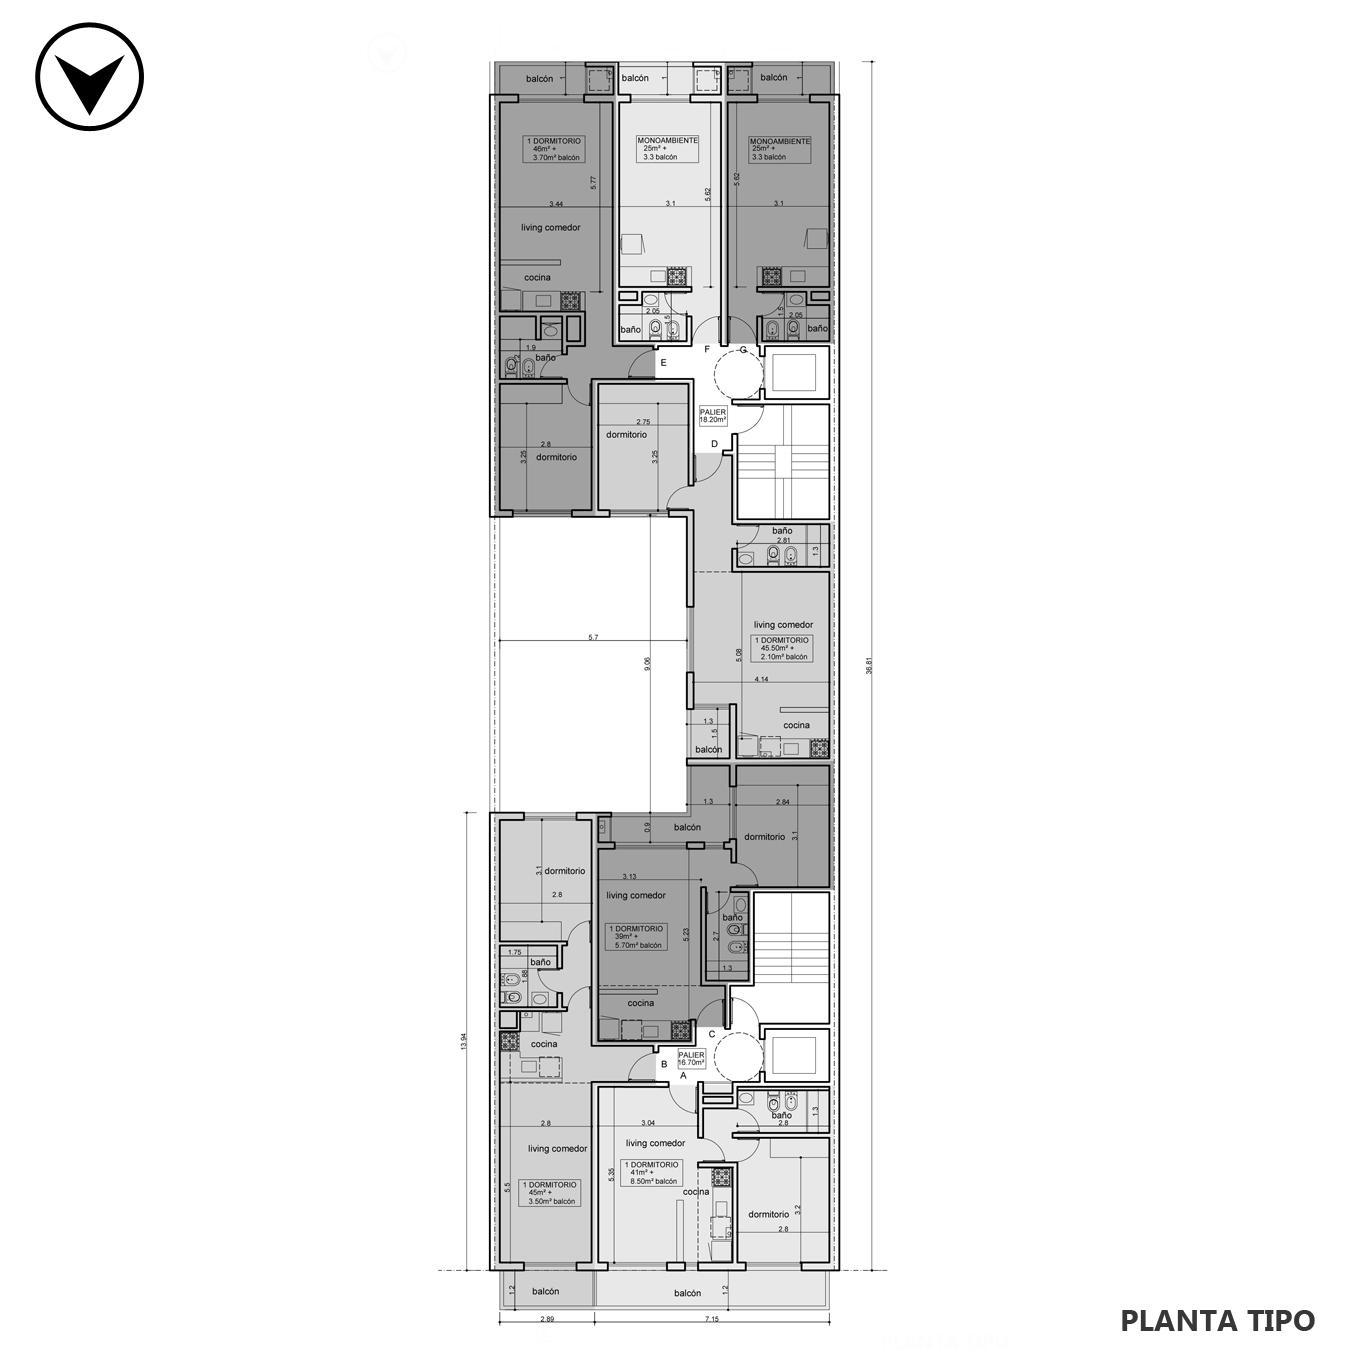 Venta departamento 1 dormitorio Rosario, Centro. Cod CBU24743 AP2302061. Crestale Propiedades